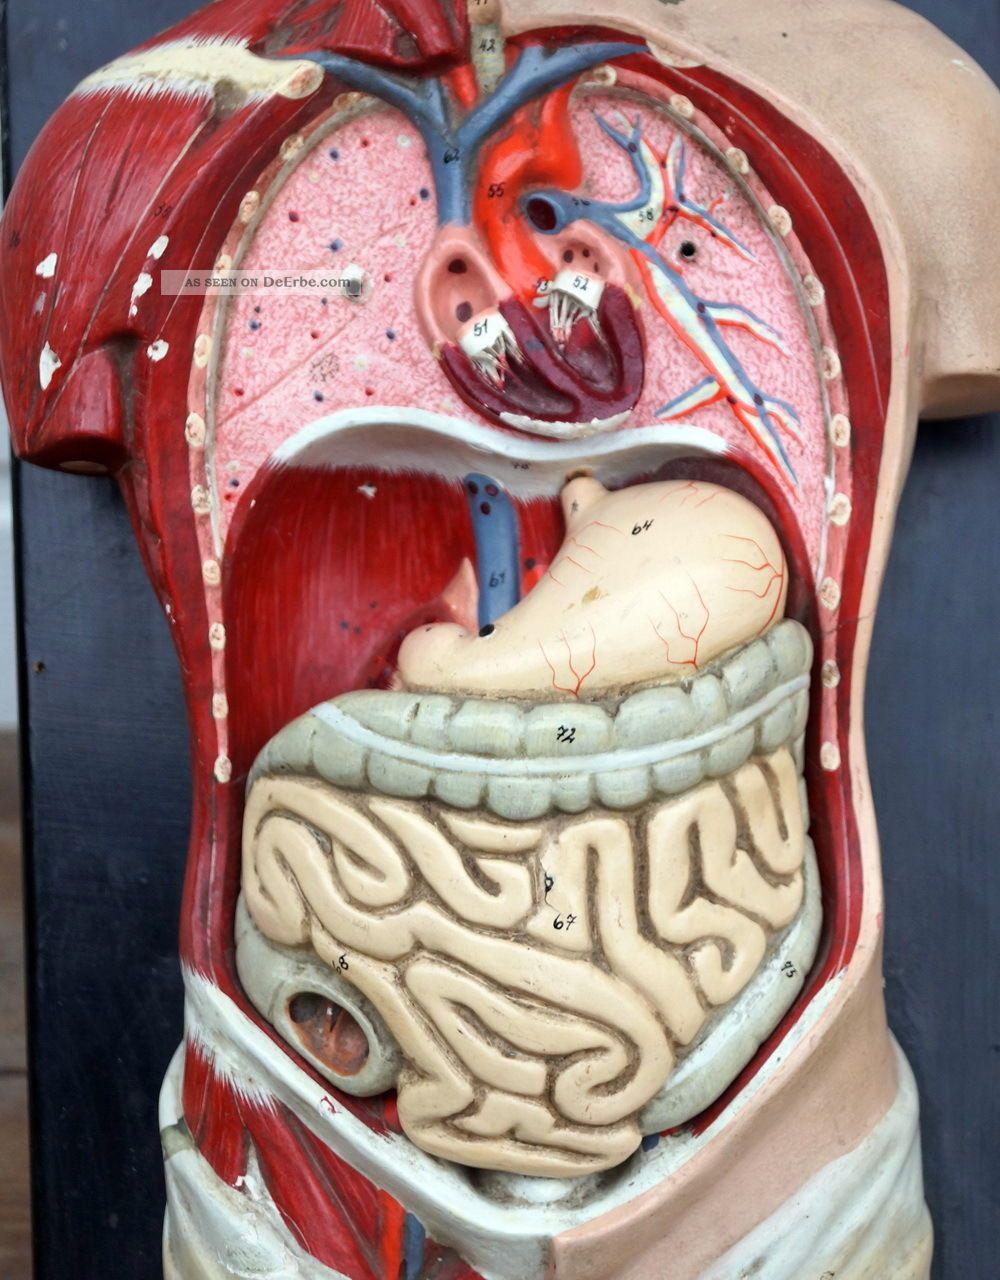 Nett Torso Anatomie Modell Fotos - Menschliche Anatomie Bilder ...